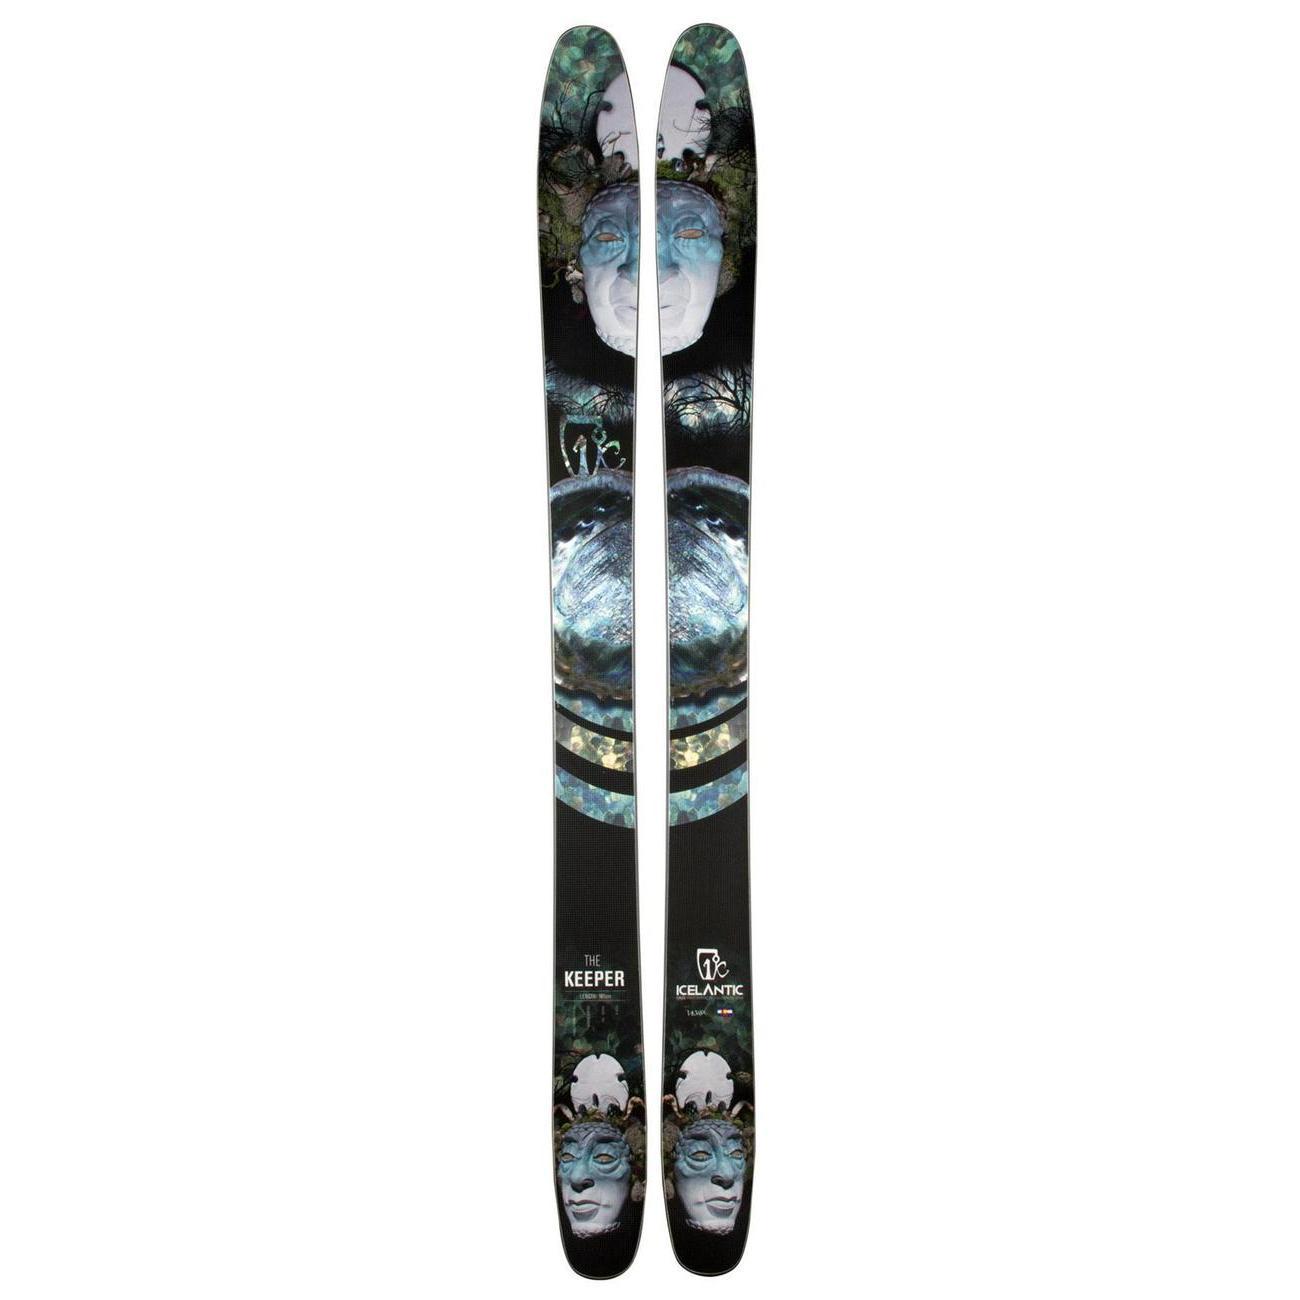 Купить Горные лыжи ICELANTIC 2014-15 KEEPER, лыжи, 1138724